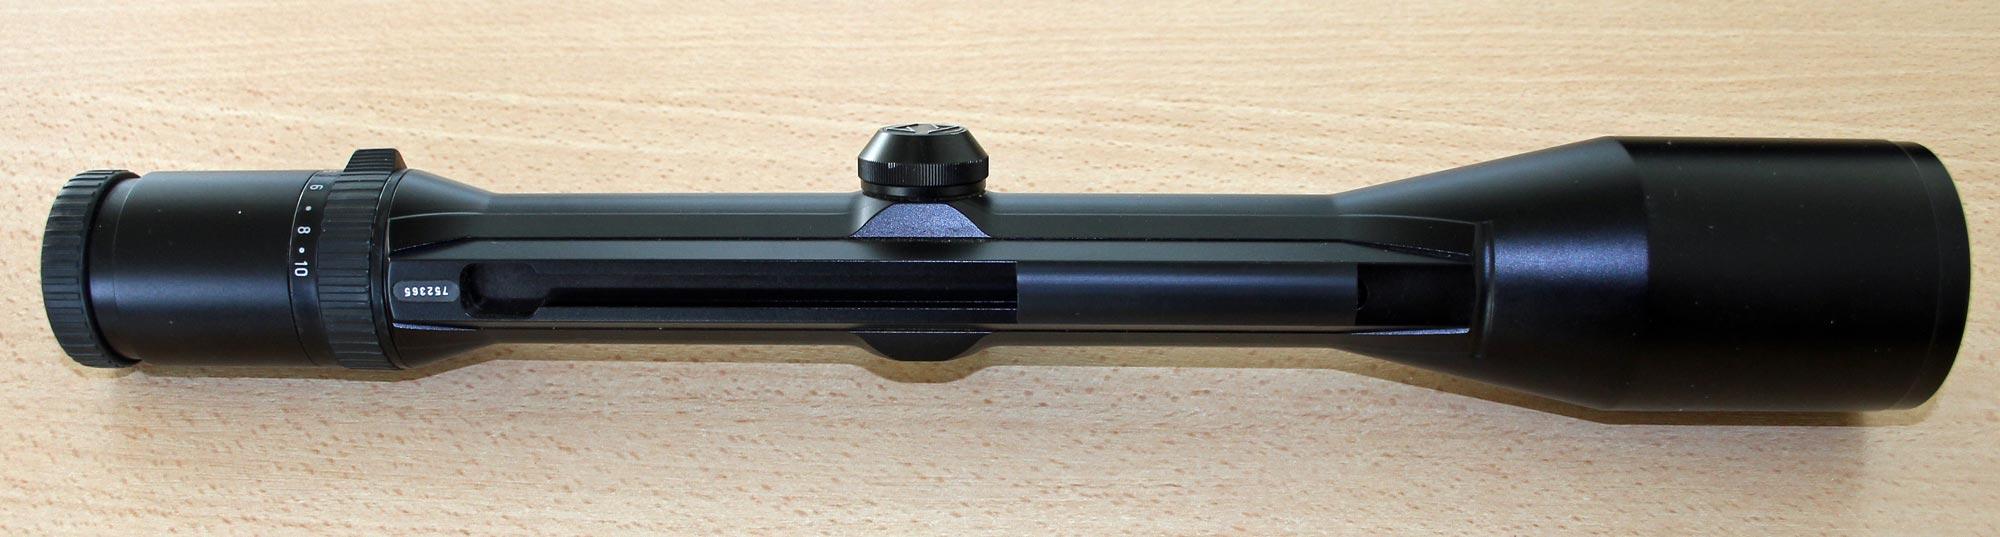 Zeiss Zielfernrohr mit Blaser Sattelmontage